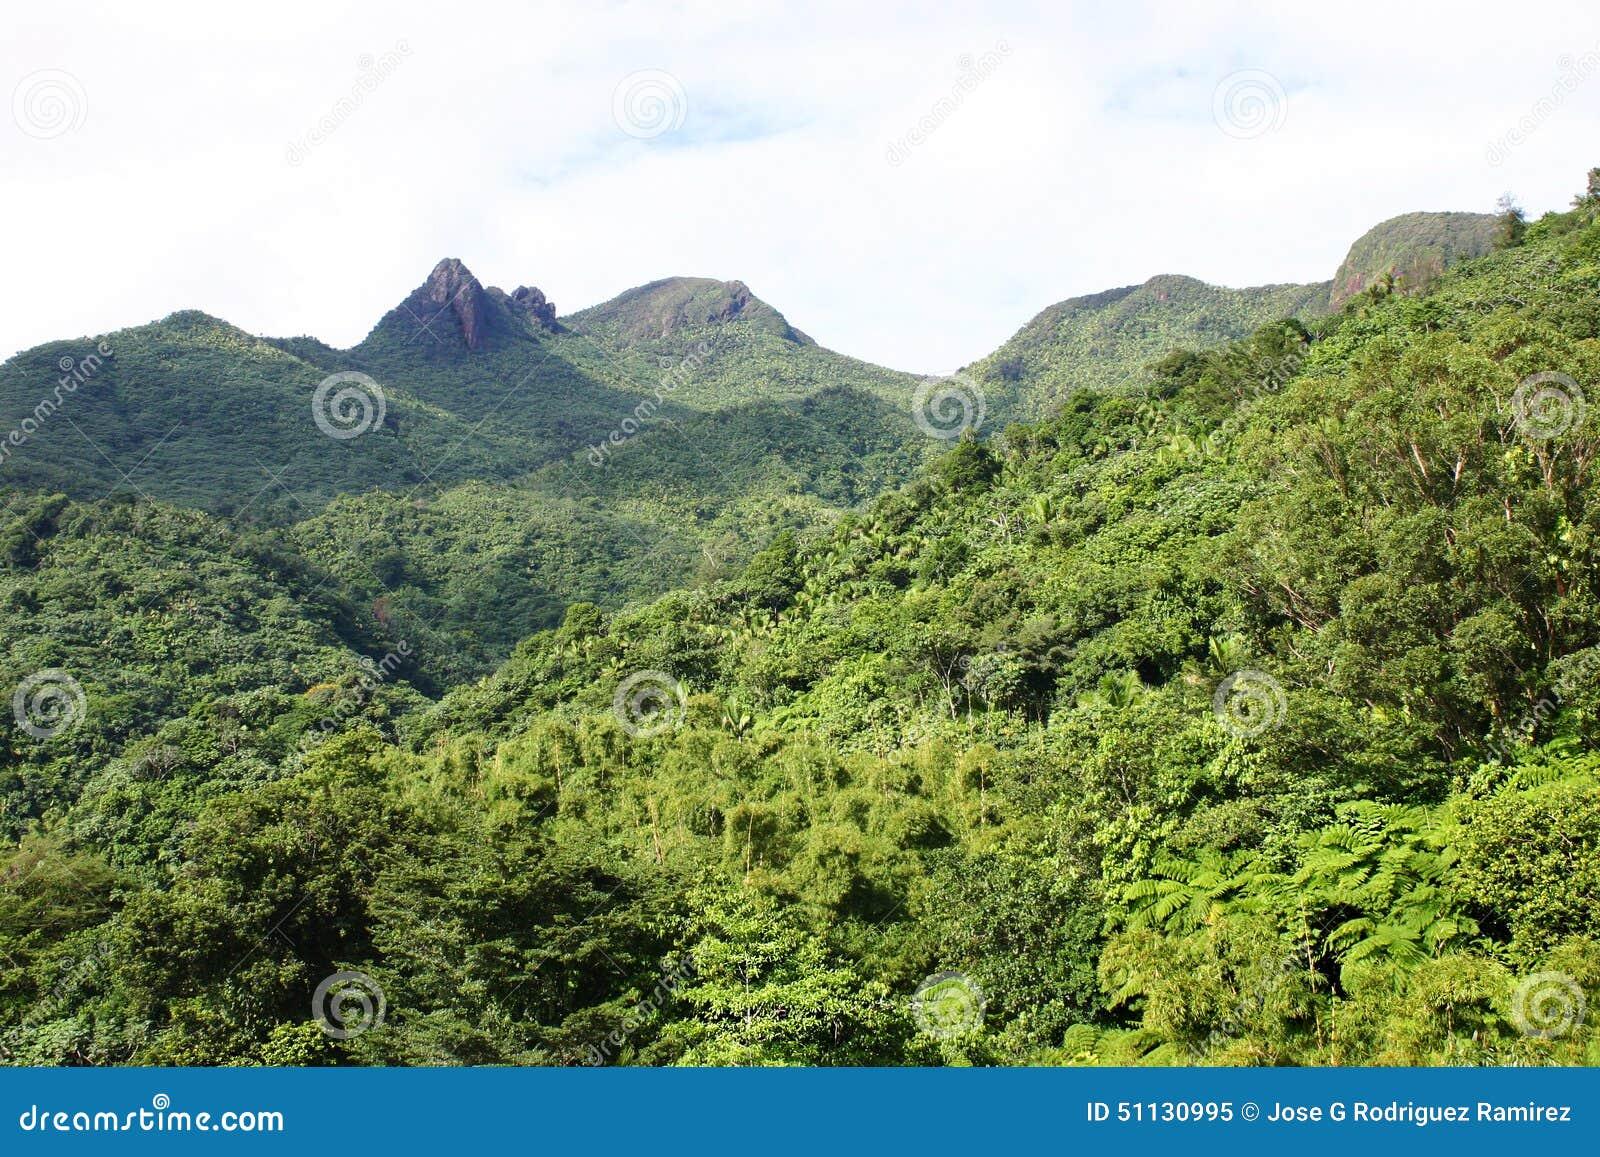 Tres picachos at el yunque national forest stock photo for Bano de oro el yunque